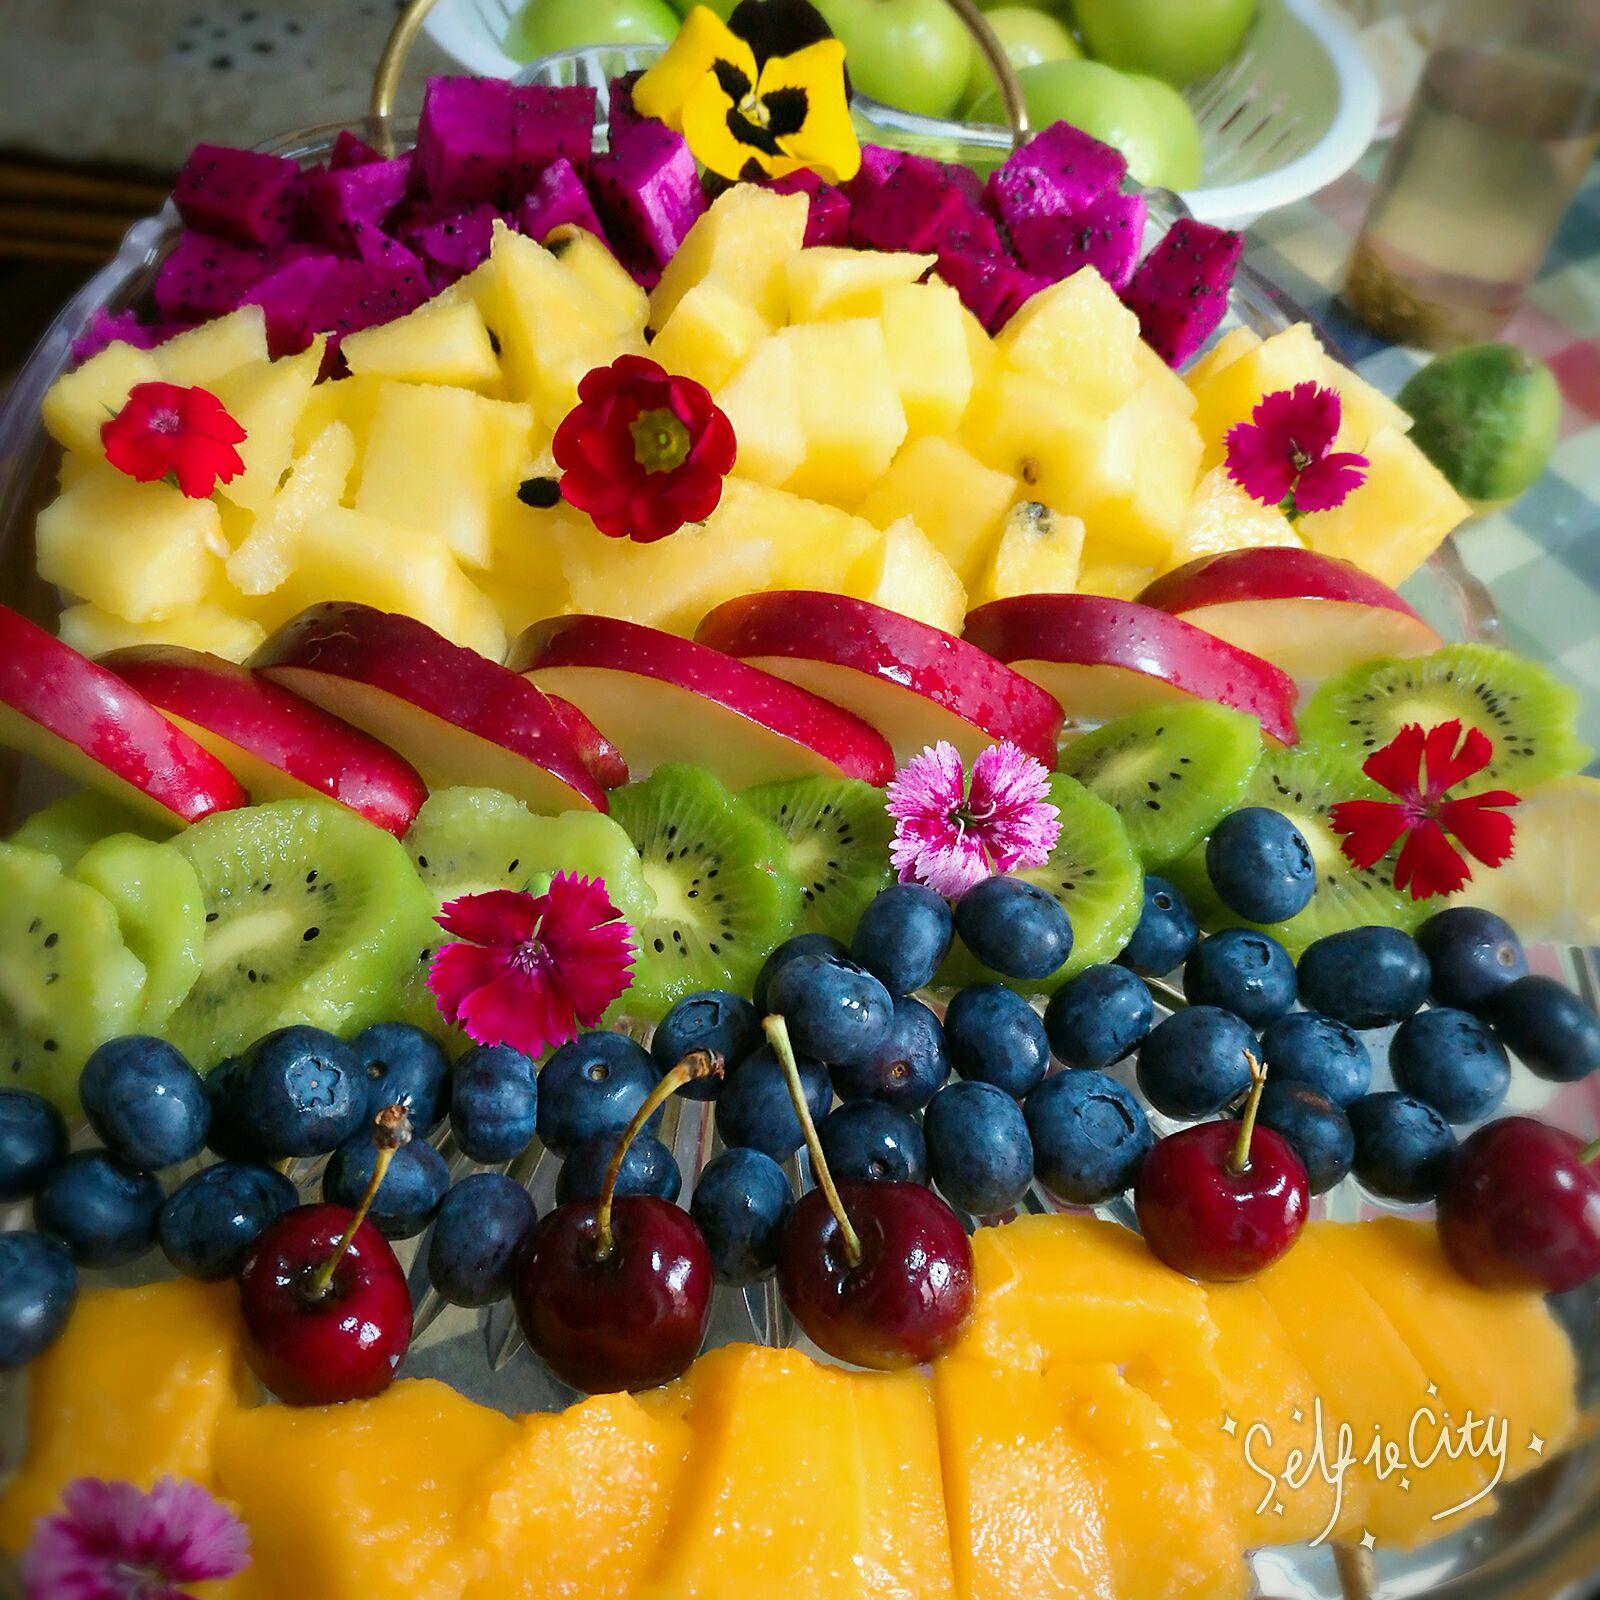 彩虹水果拼盘的做法_【图解】彩虹水果拼盘怎么做